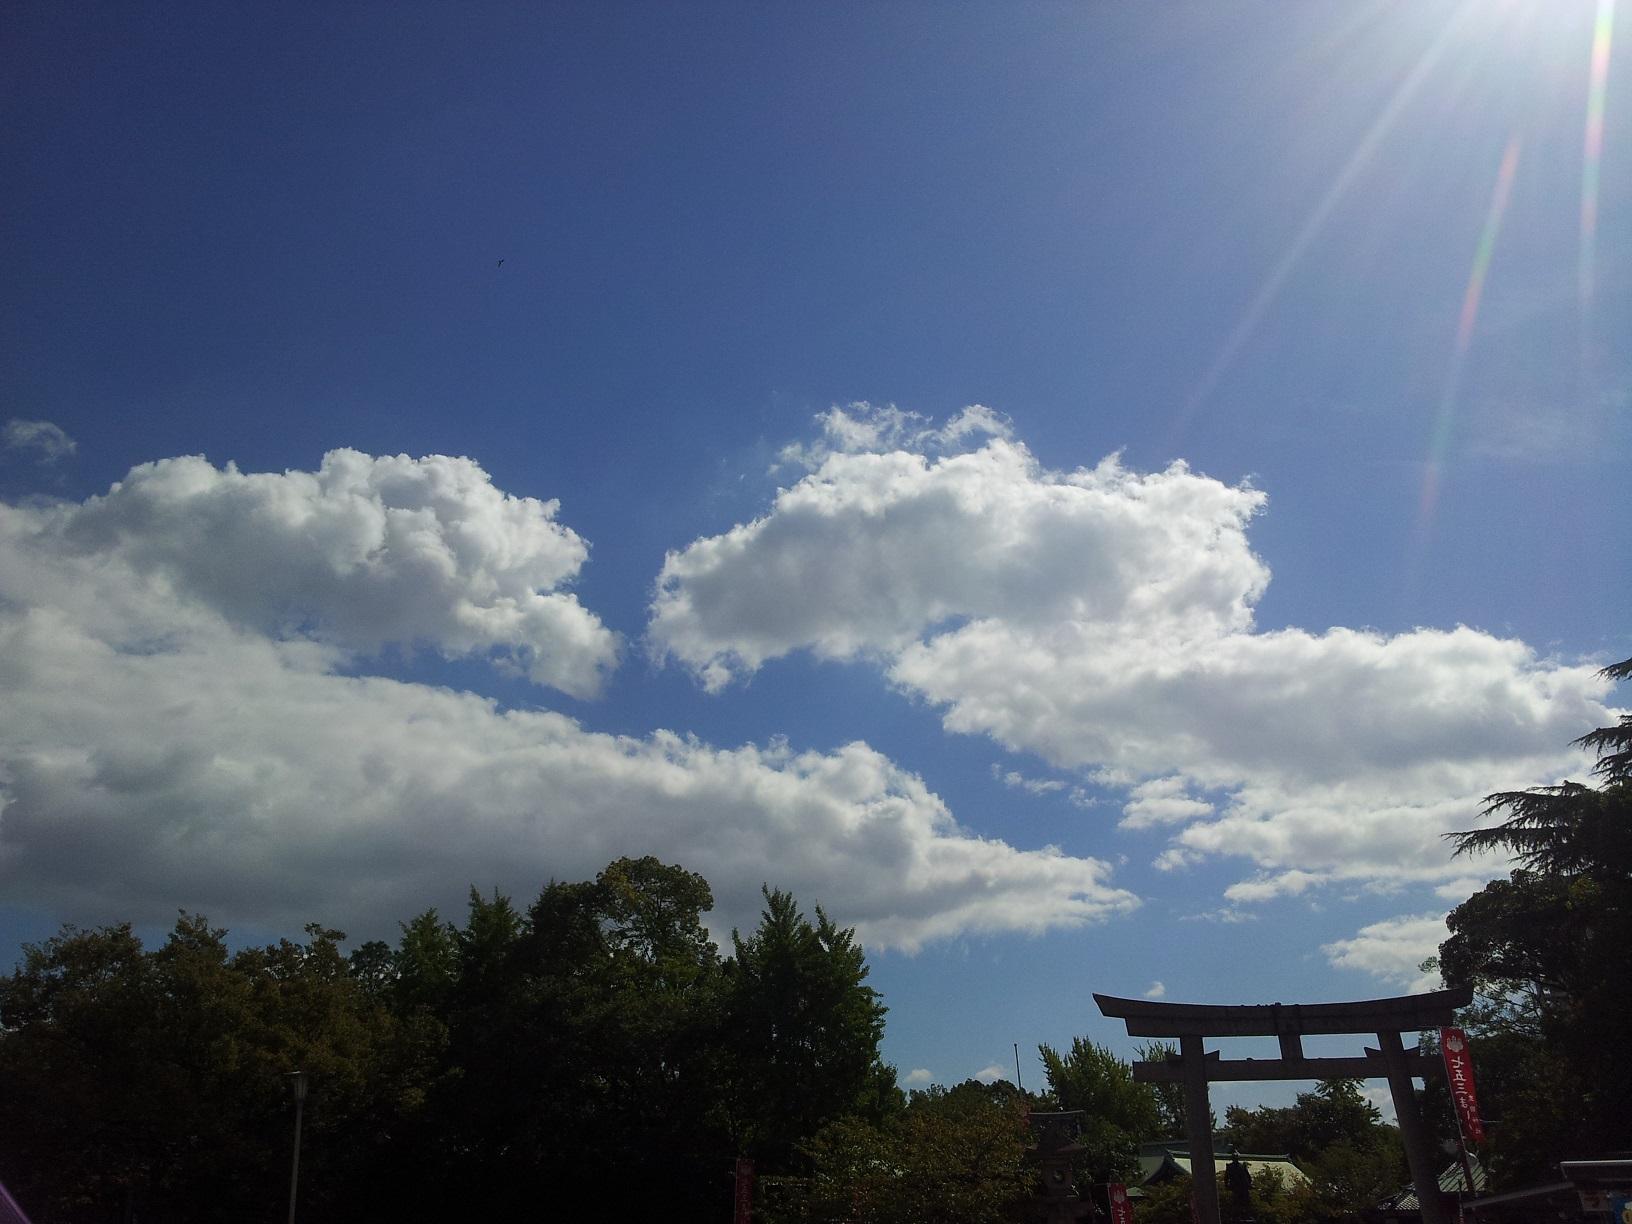 [나 홀로 오사카 여행]둘째날 - 오사카에서 맞은..